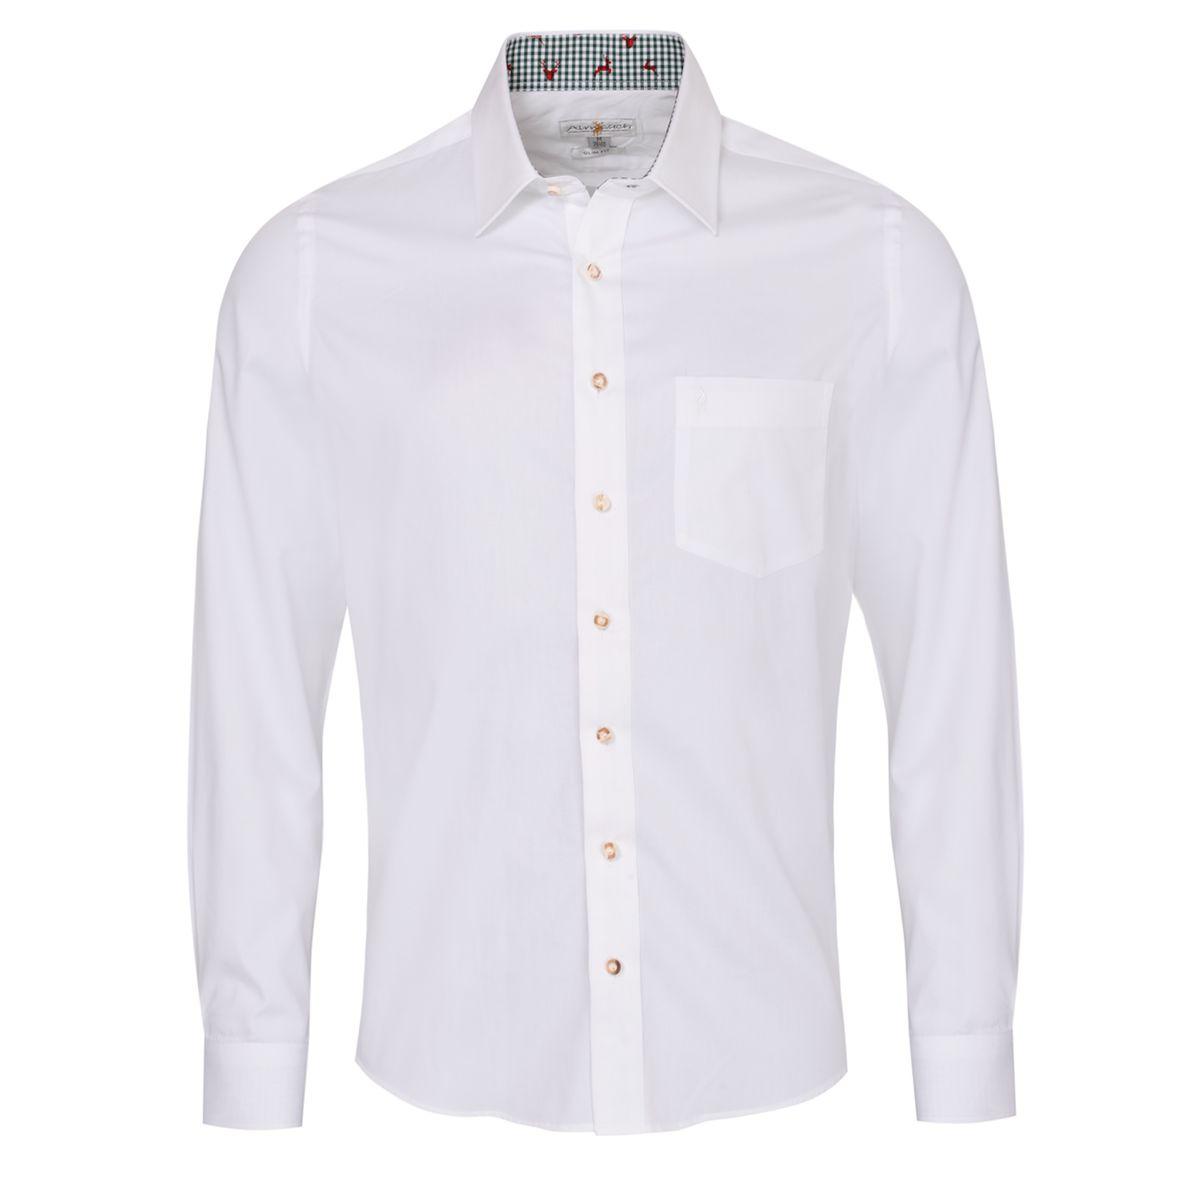 Trachtenhemd Gernot Slim Fit zweifarbig in Weiß und Dunkelgrün von Almsach günstig online kaufen